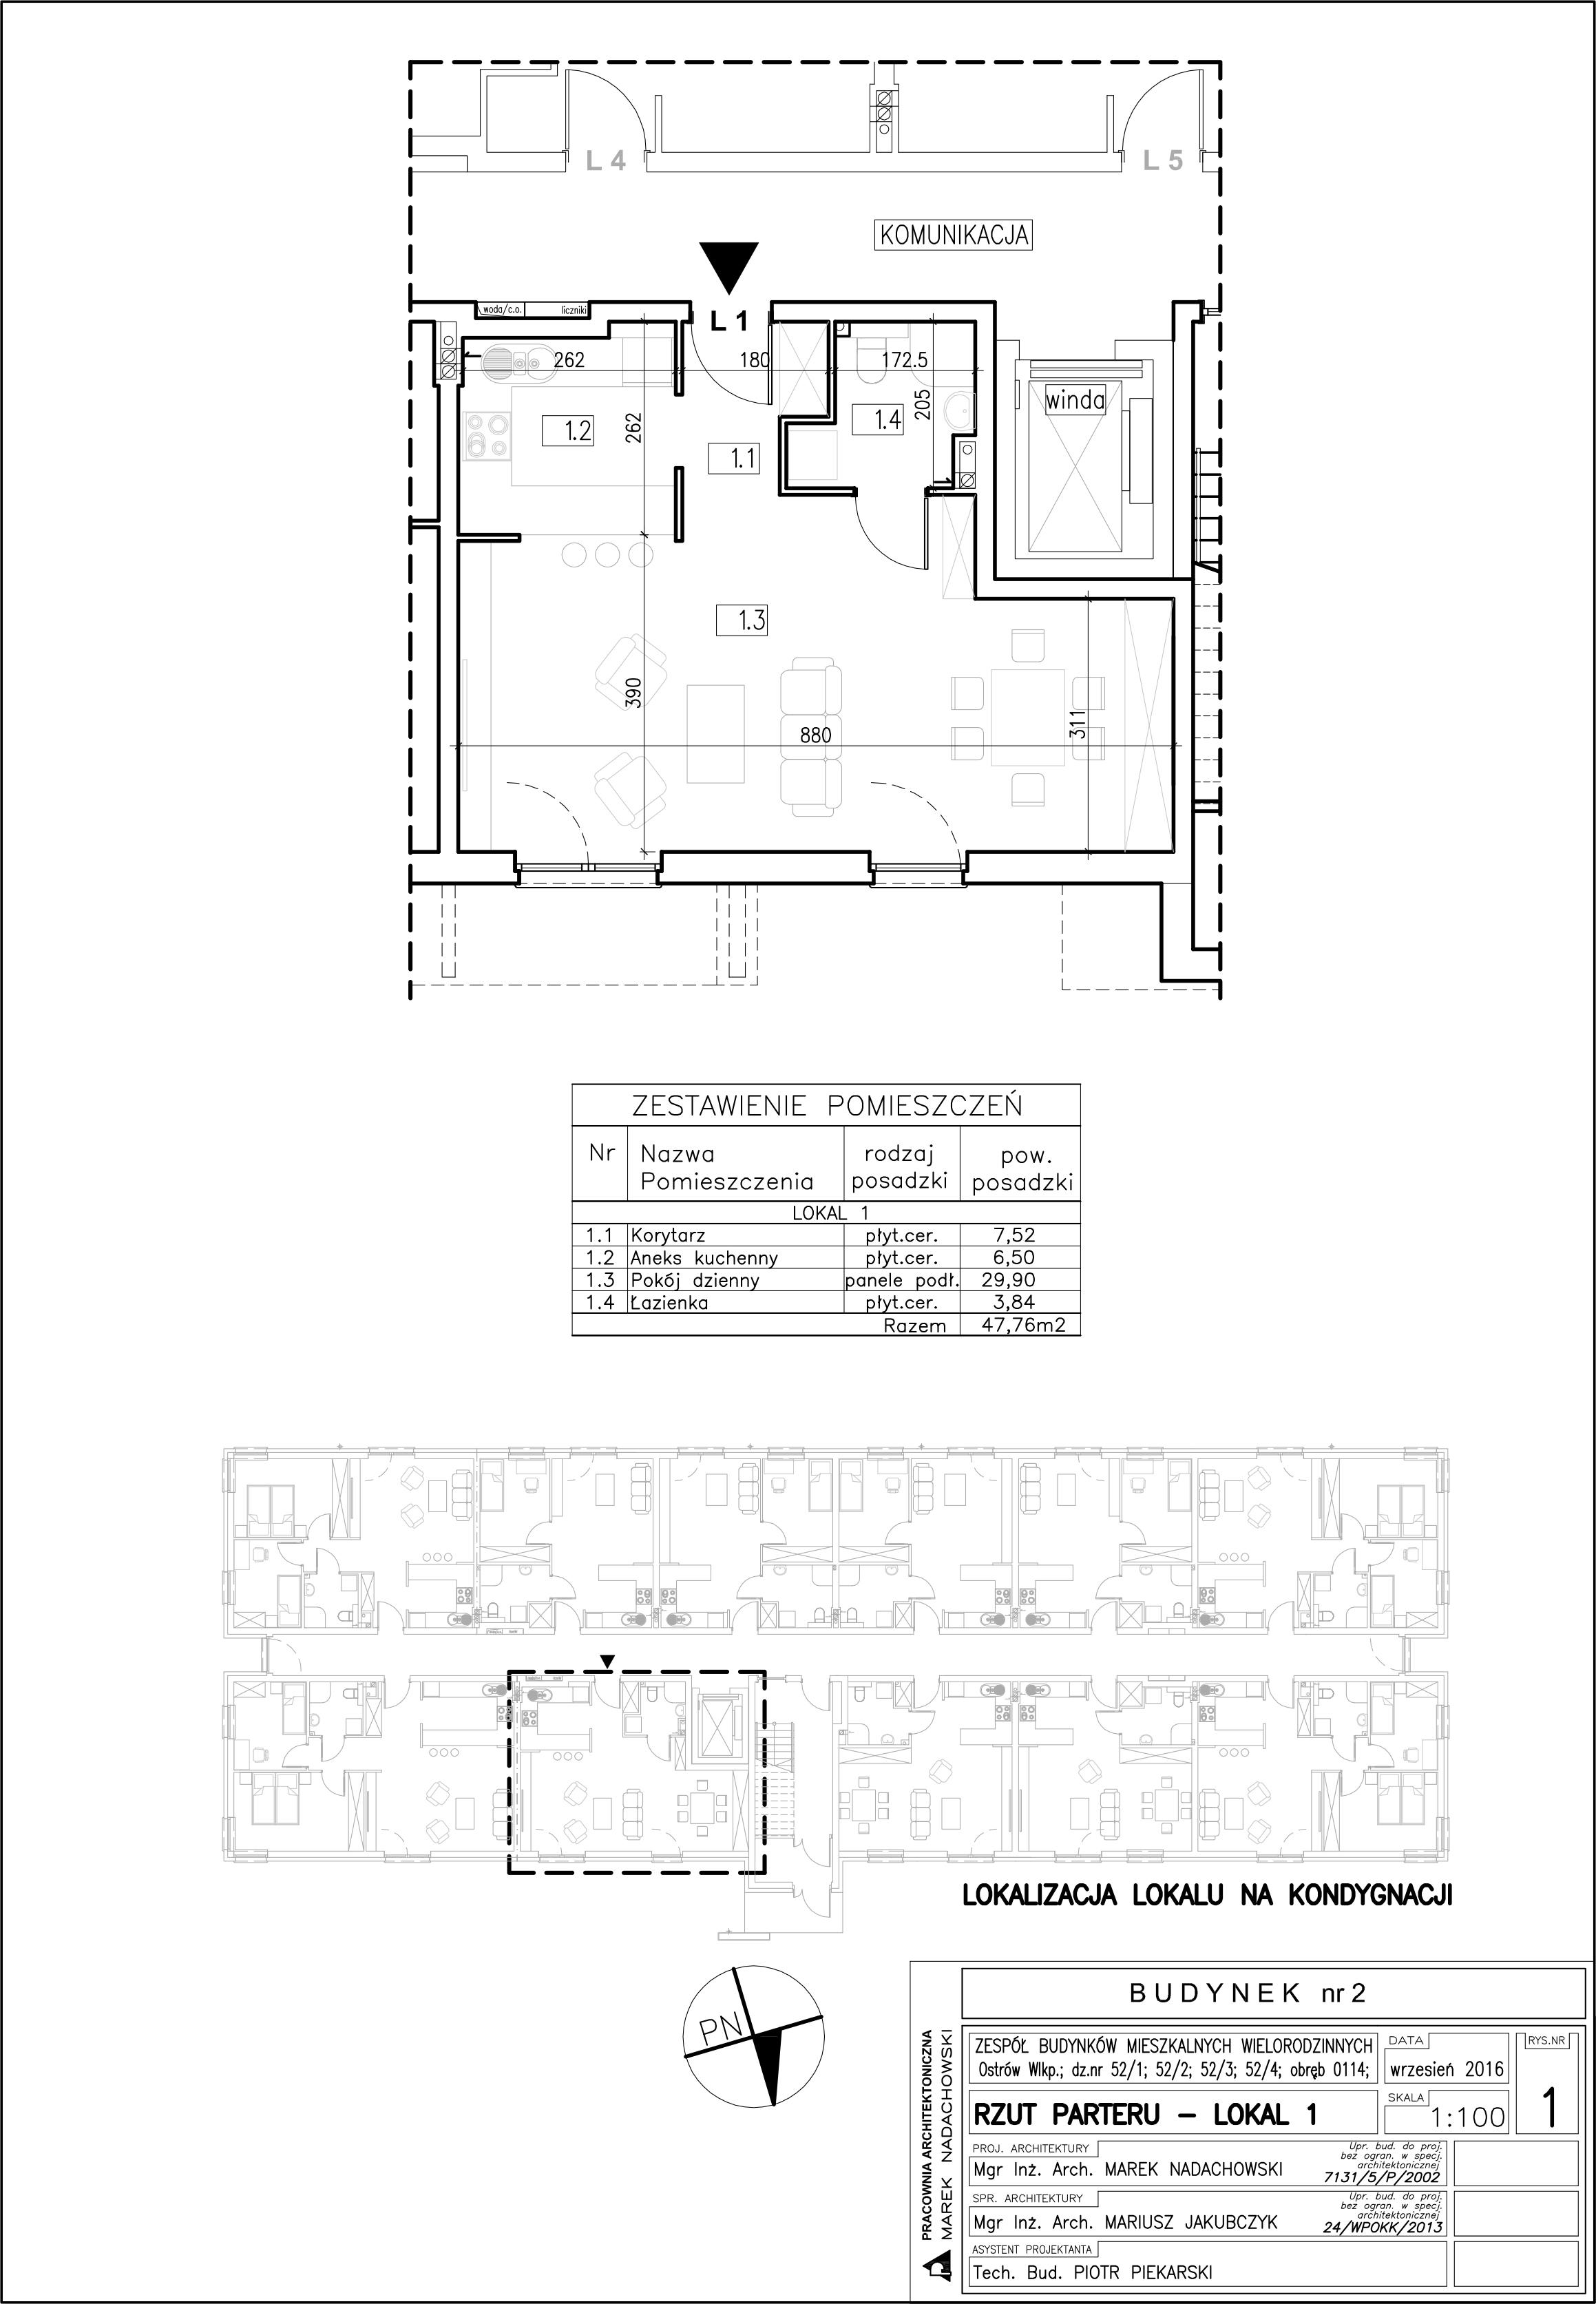 Lokal nr 1 Powierzchnia: 47,76 m2